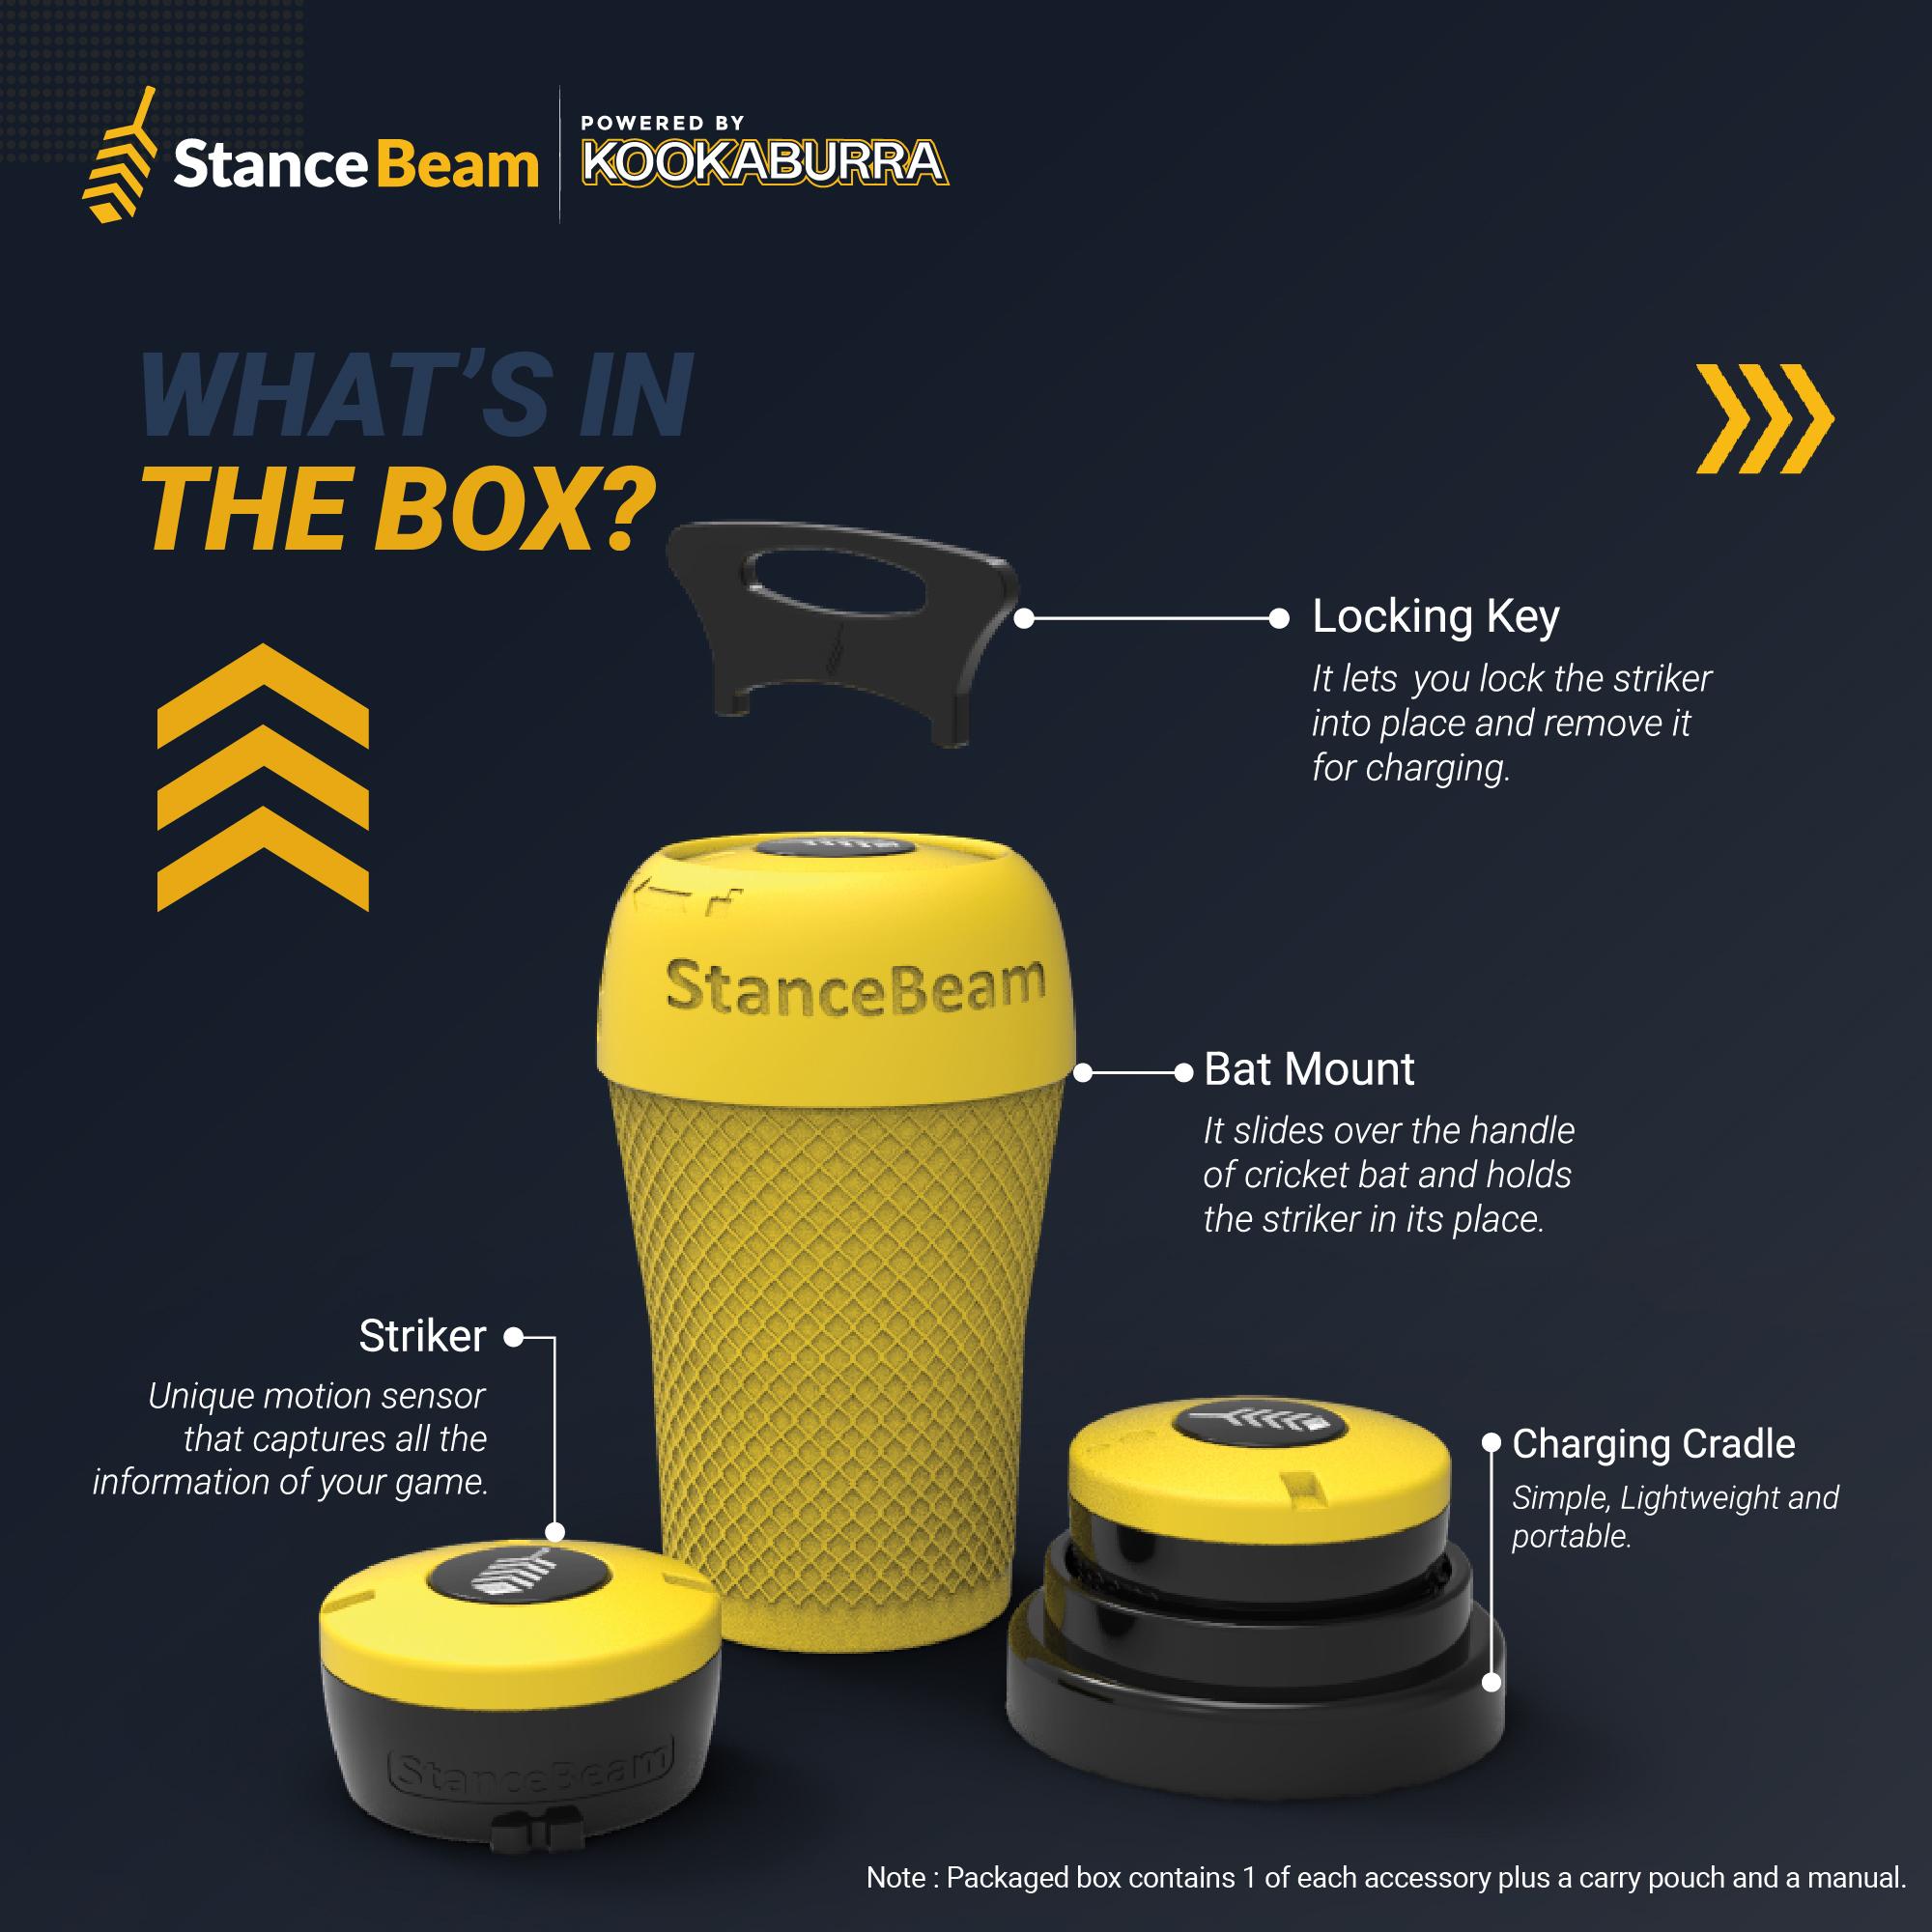 STANCEBEAM STRIKER